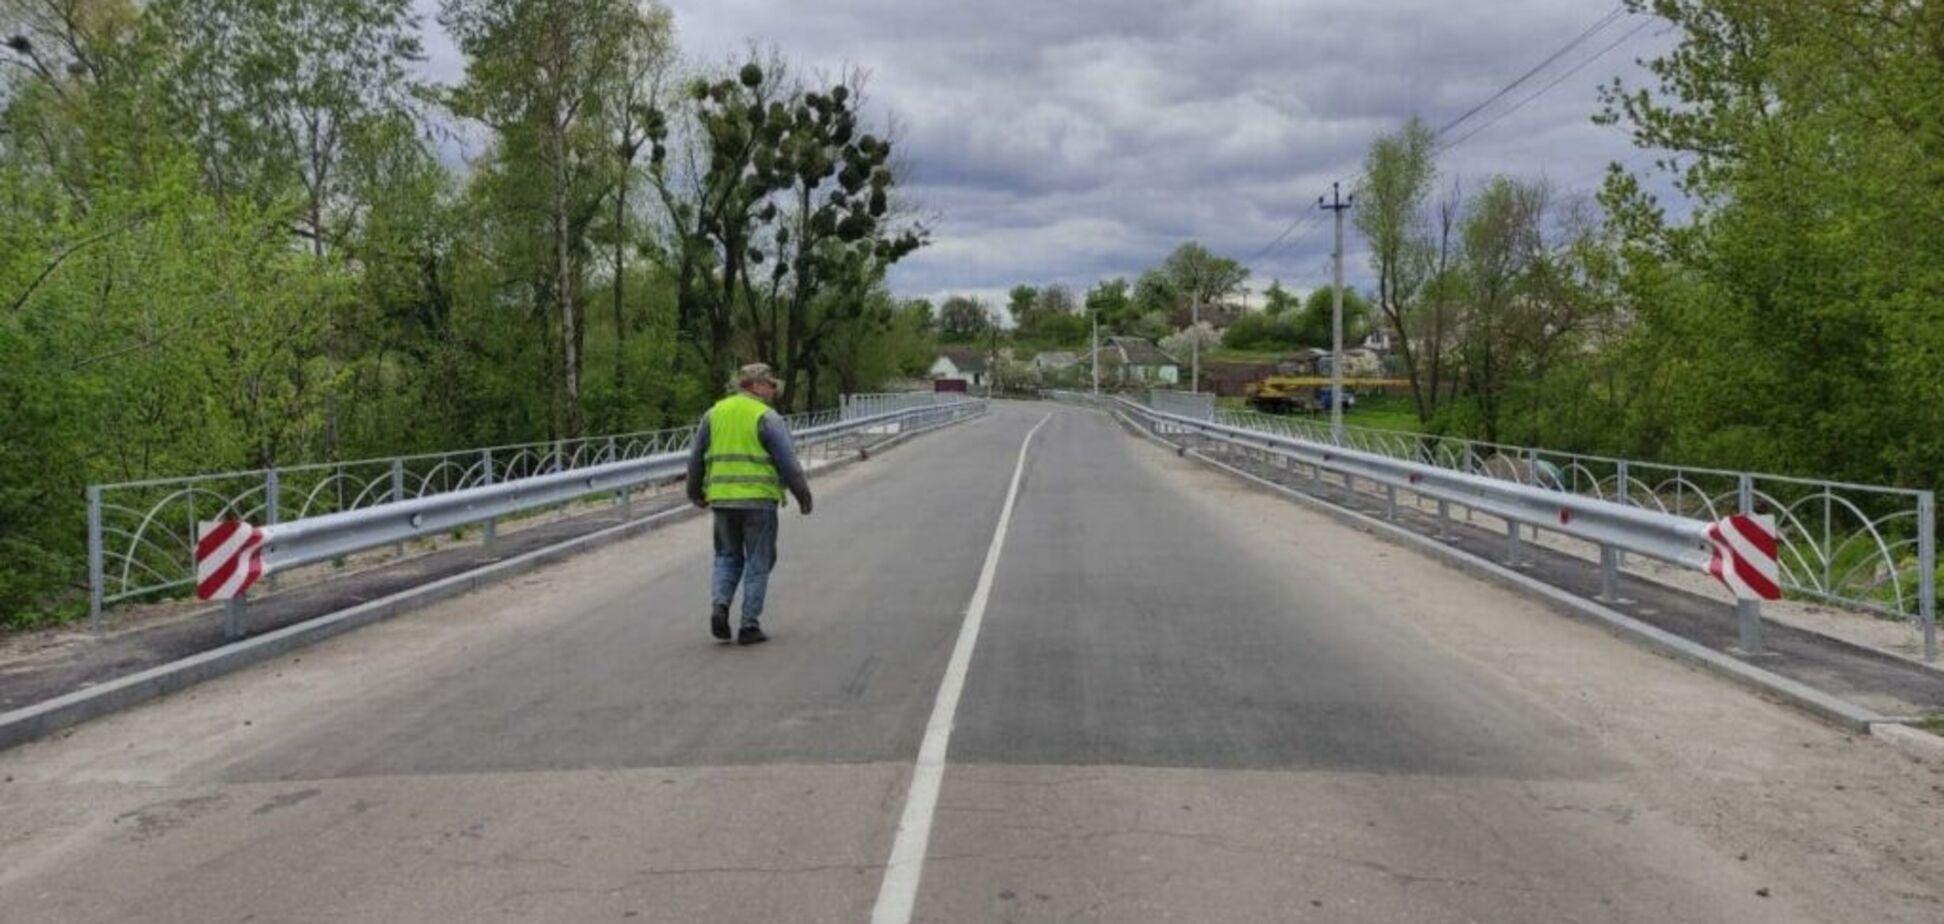 Міст на трасі О101914 /Р-04/–Плоске у Київській області буде відновлено за програмою 'Велике будівництво'